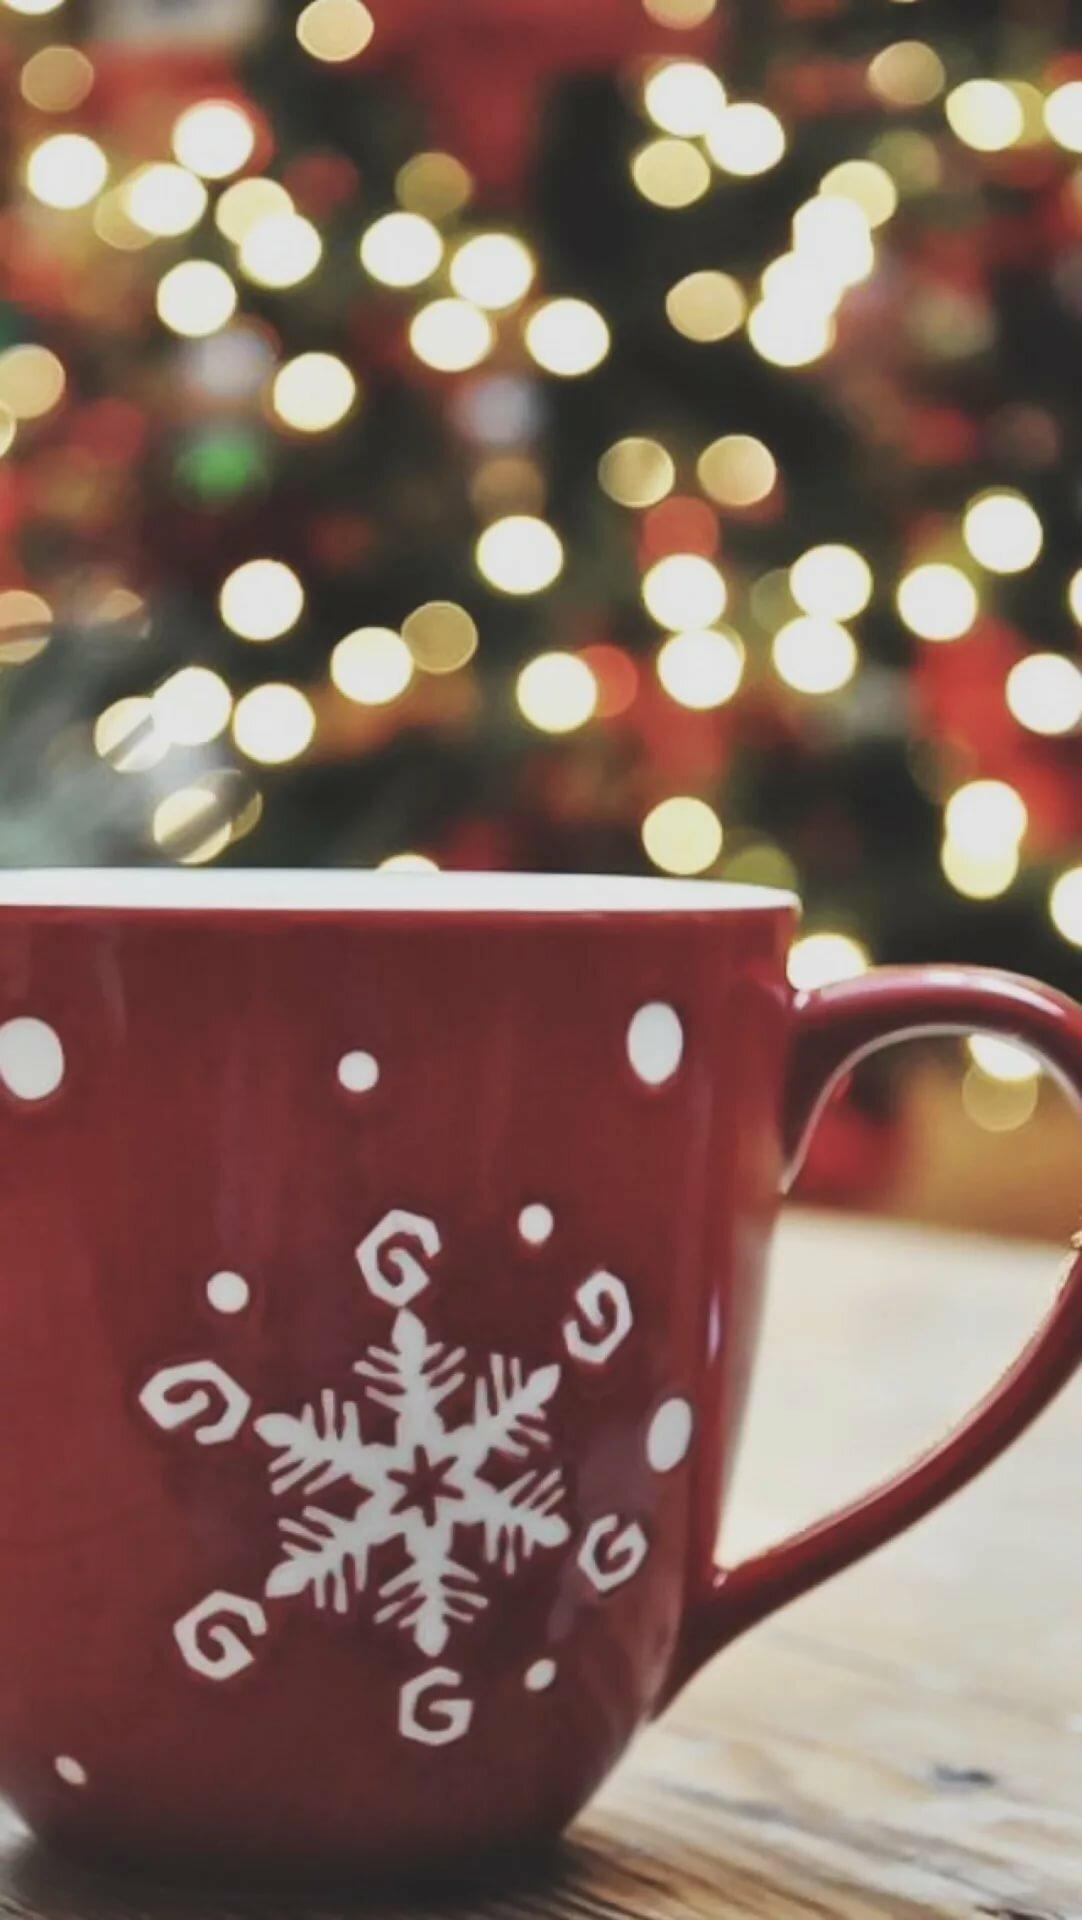 картинки кофе новогоднее настроение поздравления